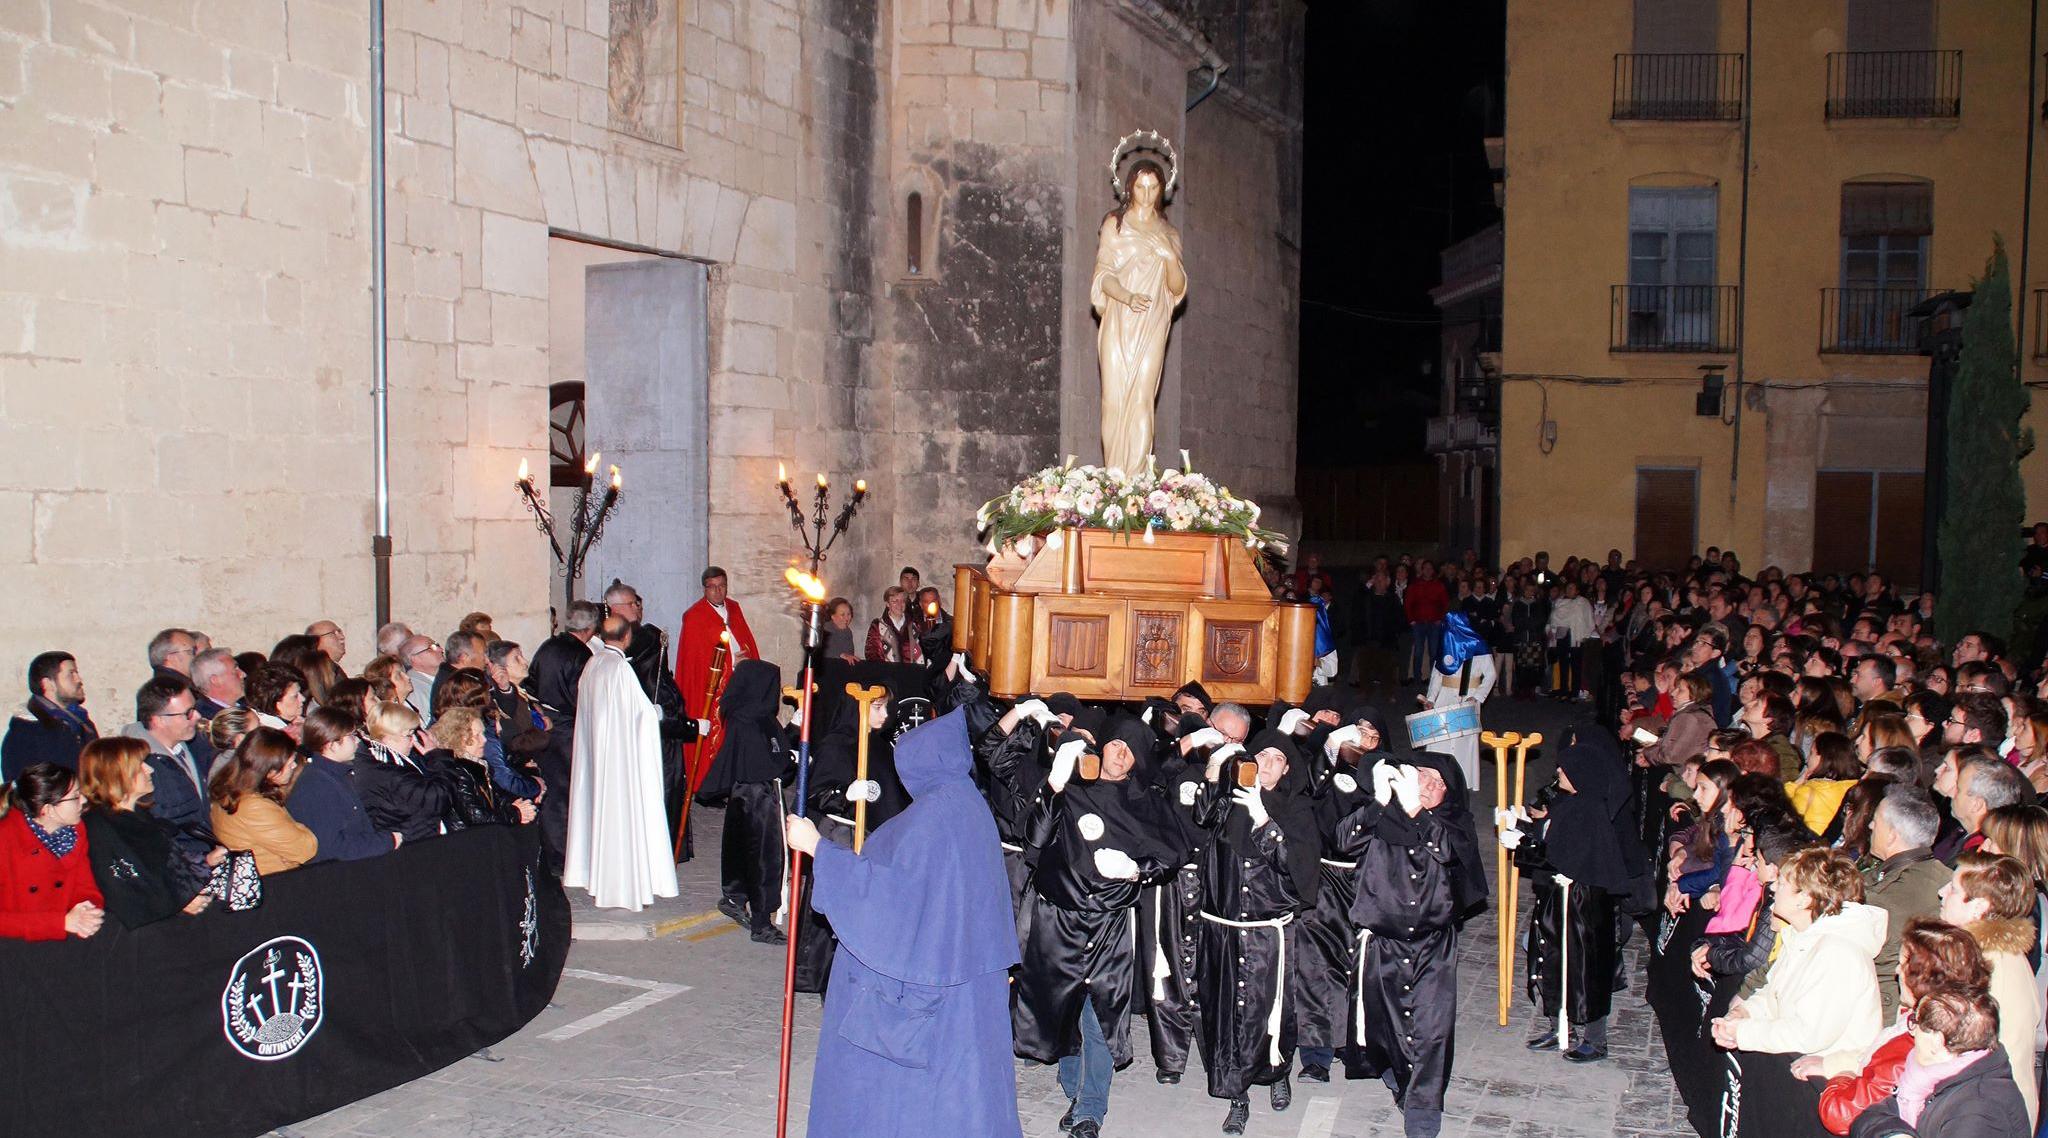 Setmana Santa d'Ontinyent, festa d'interés turístic local de la C. Valenciana El Periòdic d'Ontinyent